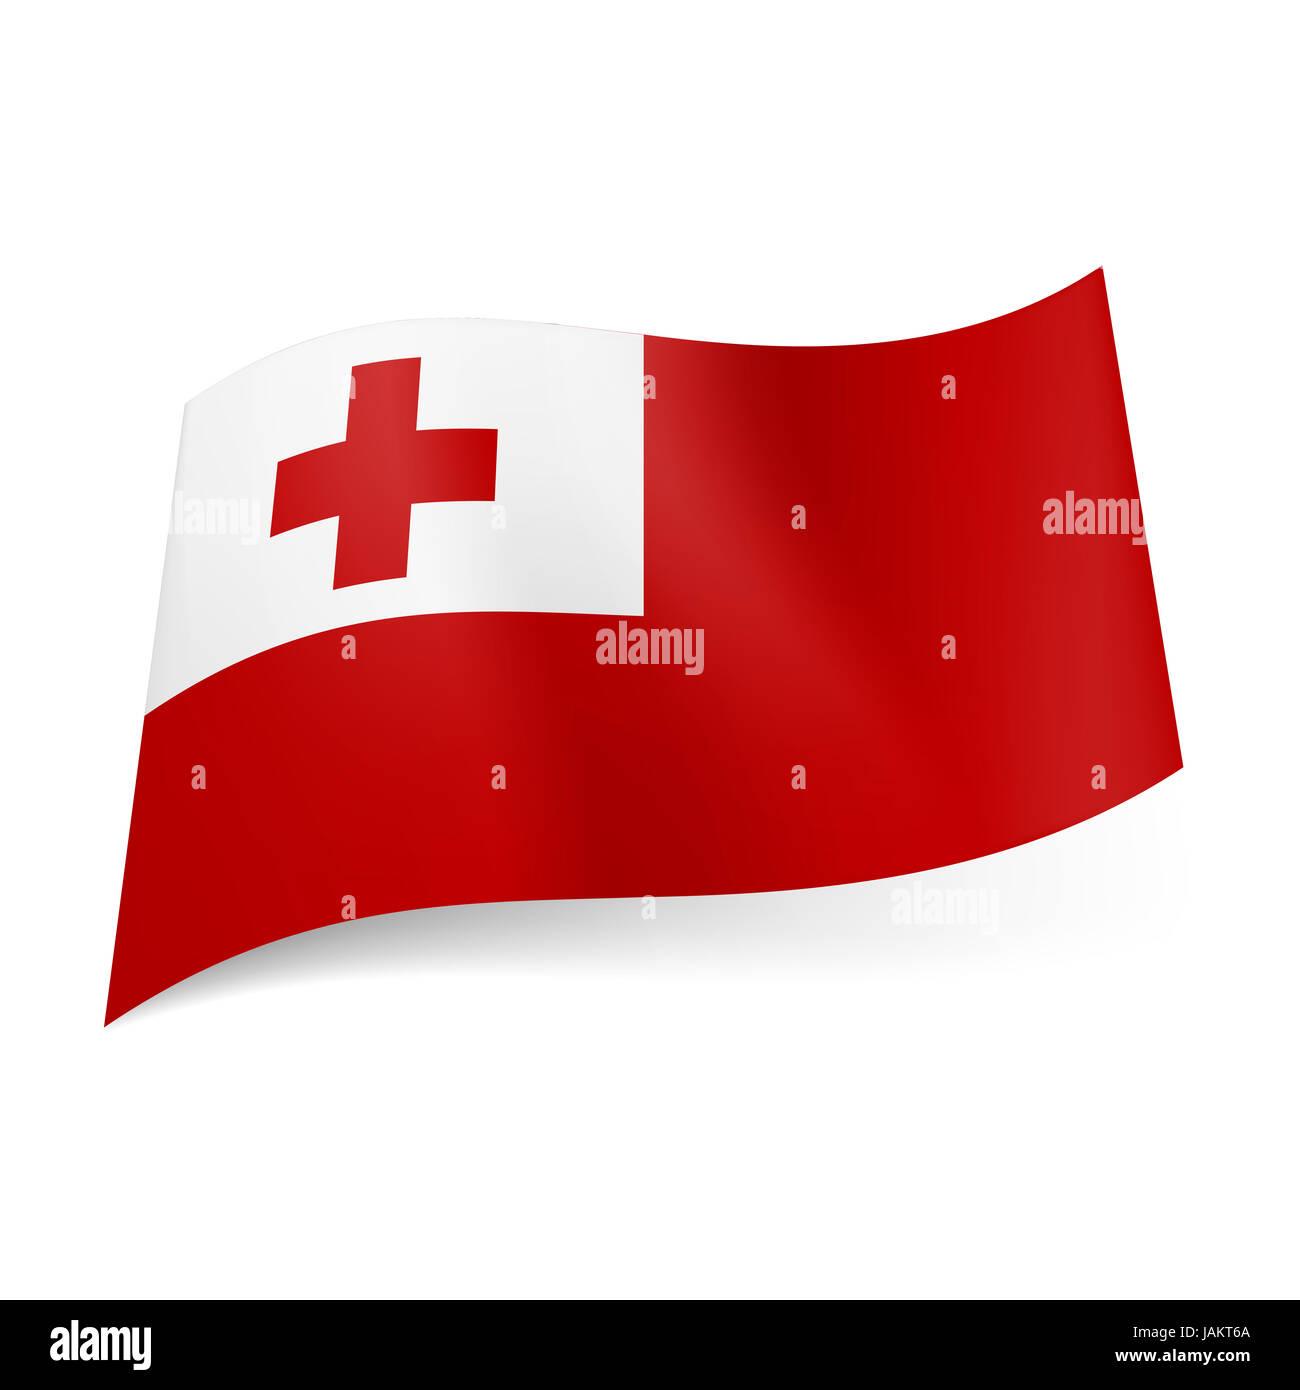 National Flag Of Tonga Red Cross In White Square Upper Left Corner Field